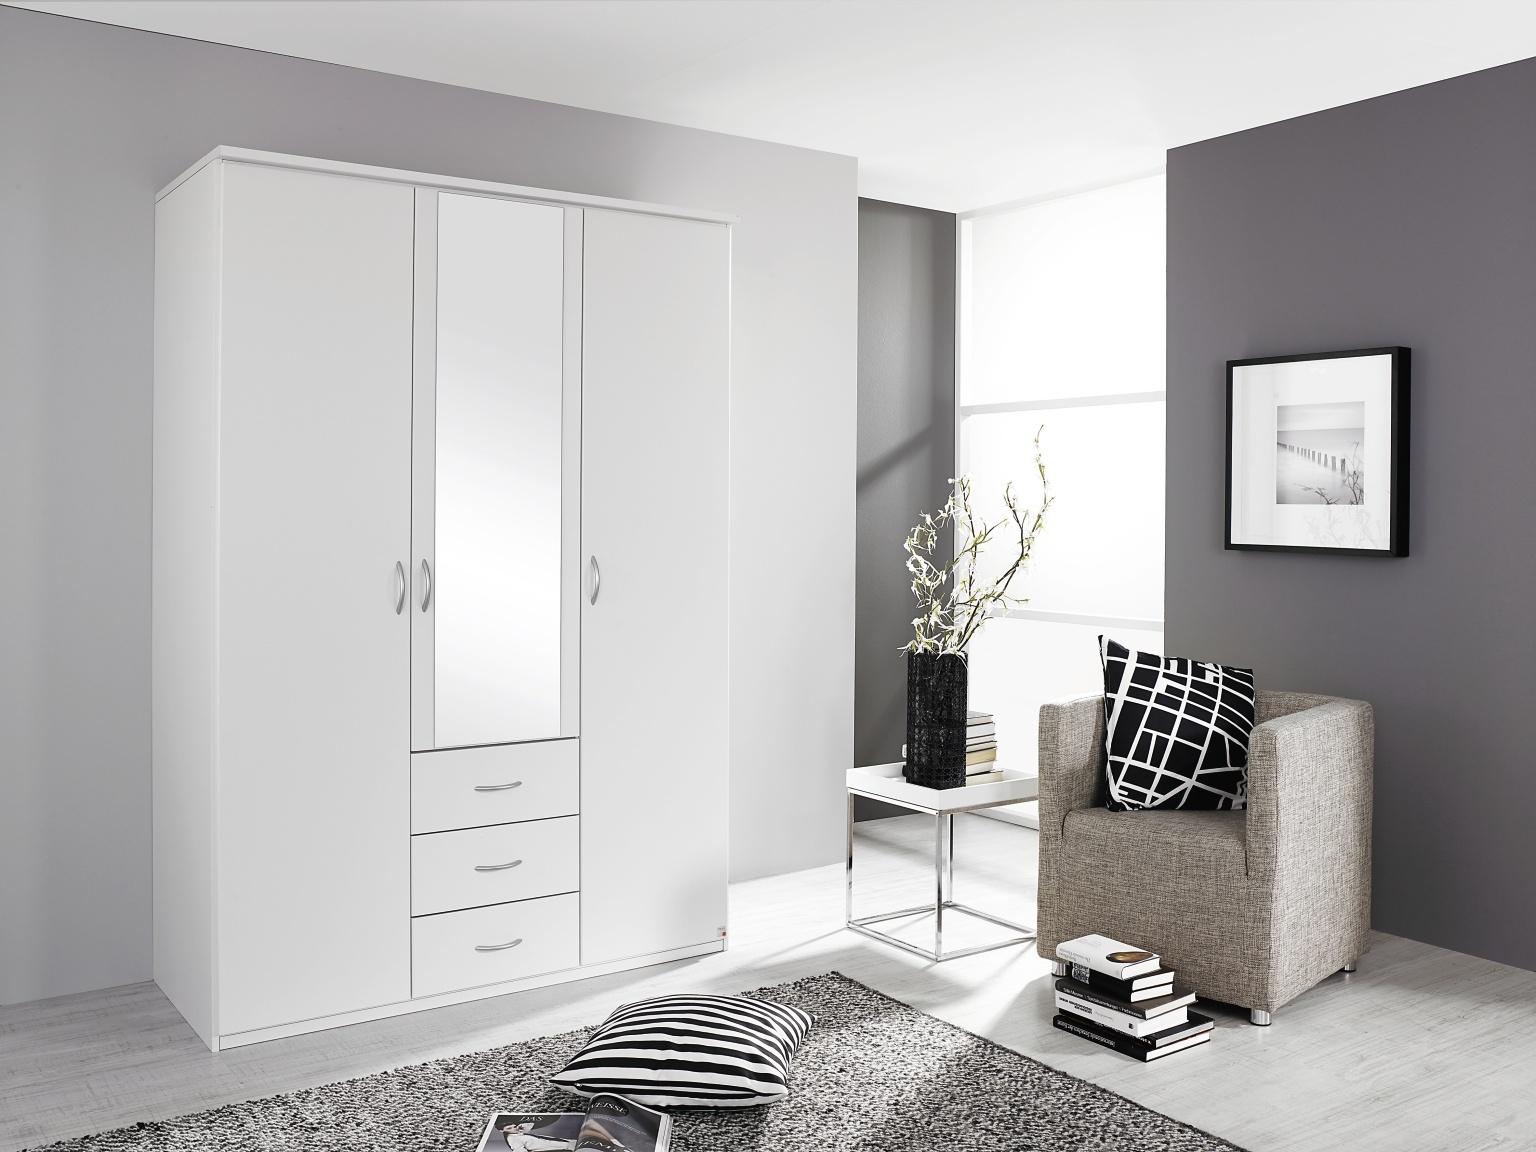 Rauch Blitz 4 Door 2 Mirror Wardrobe in Alpine White